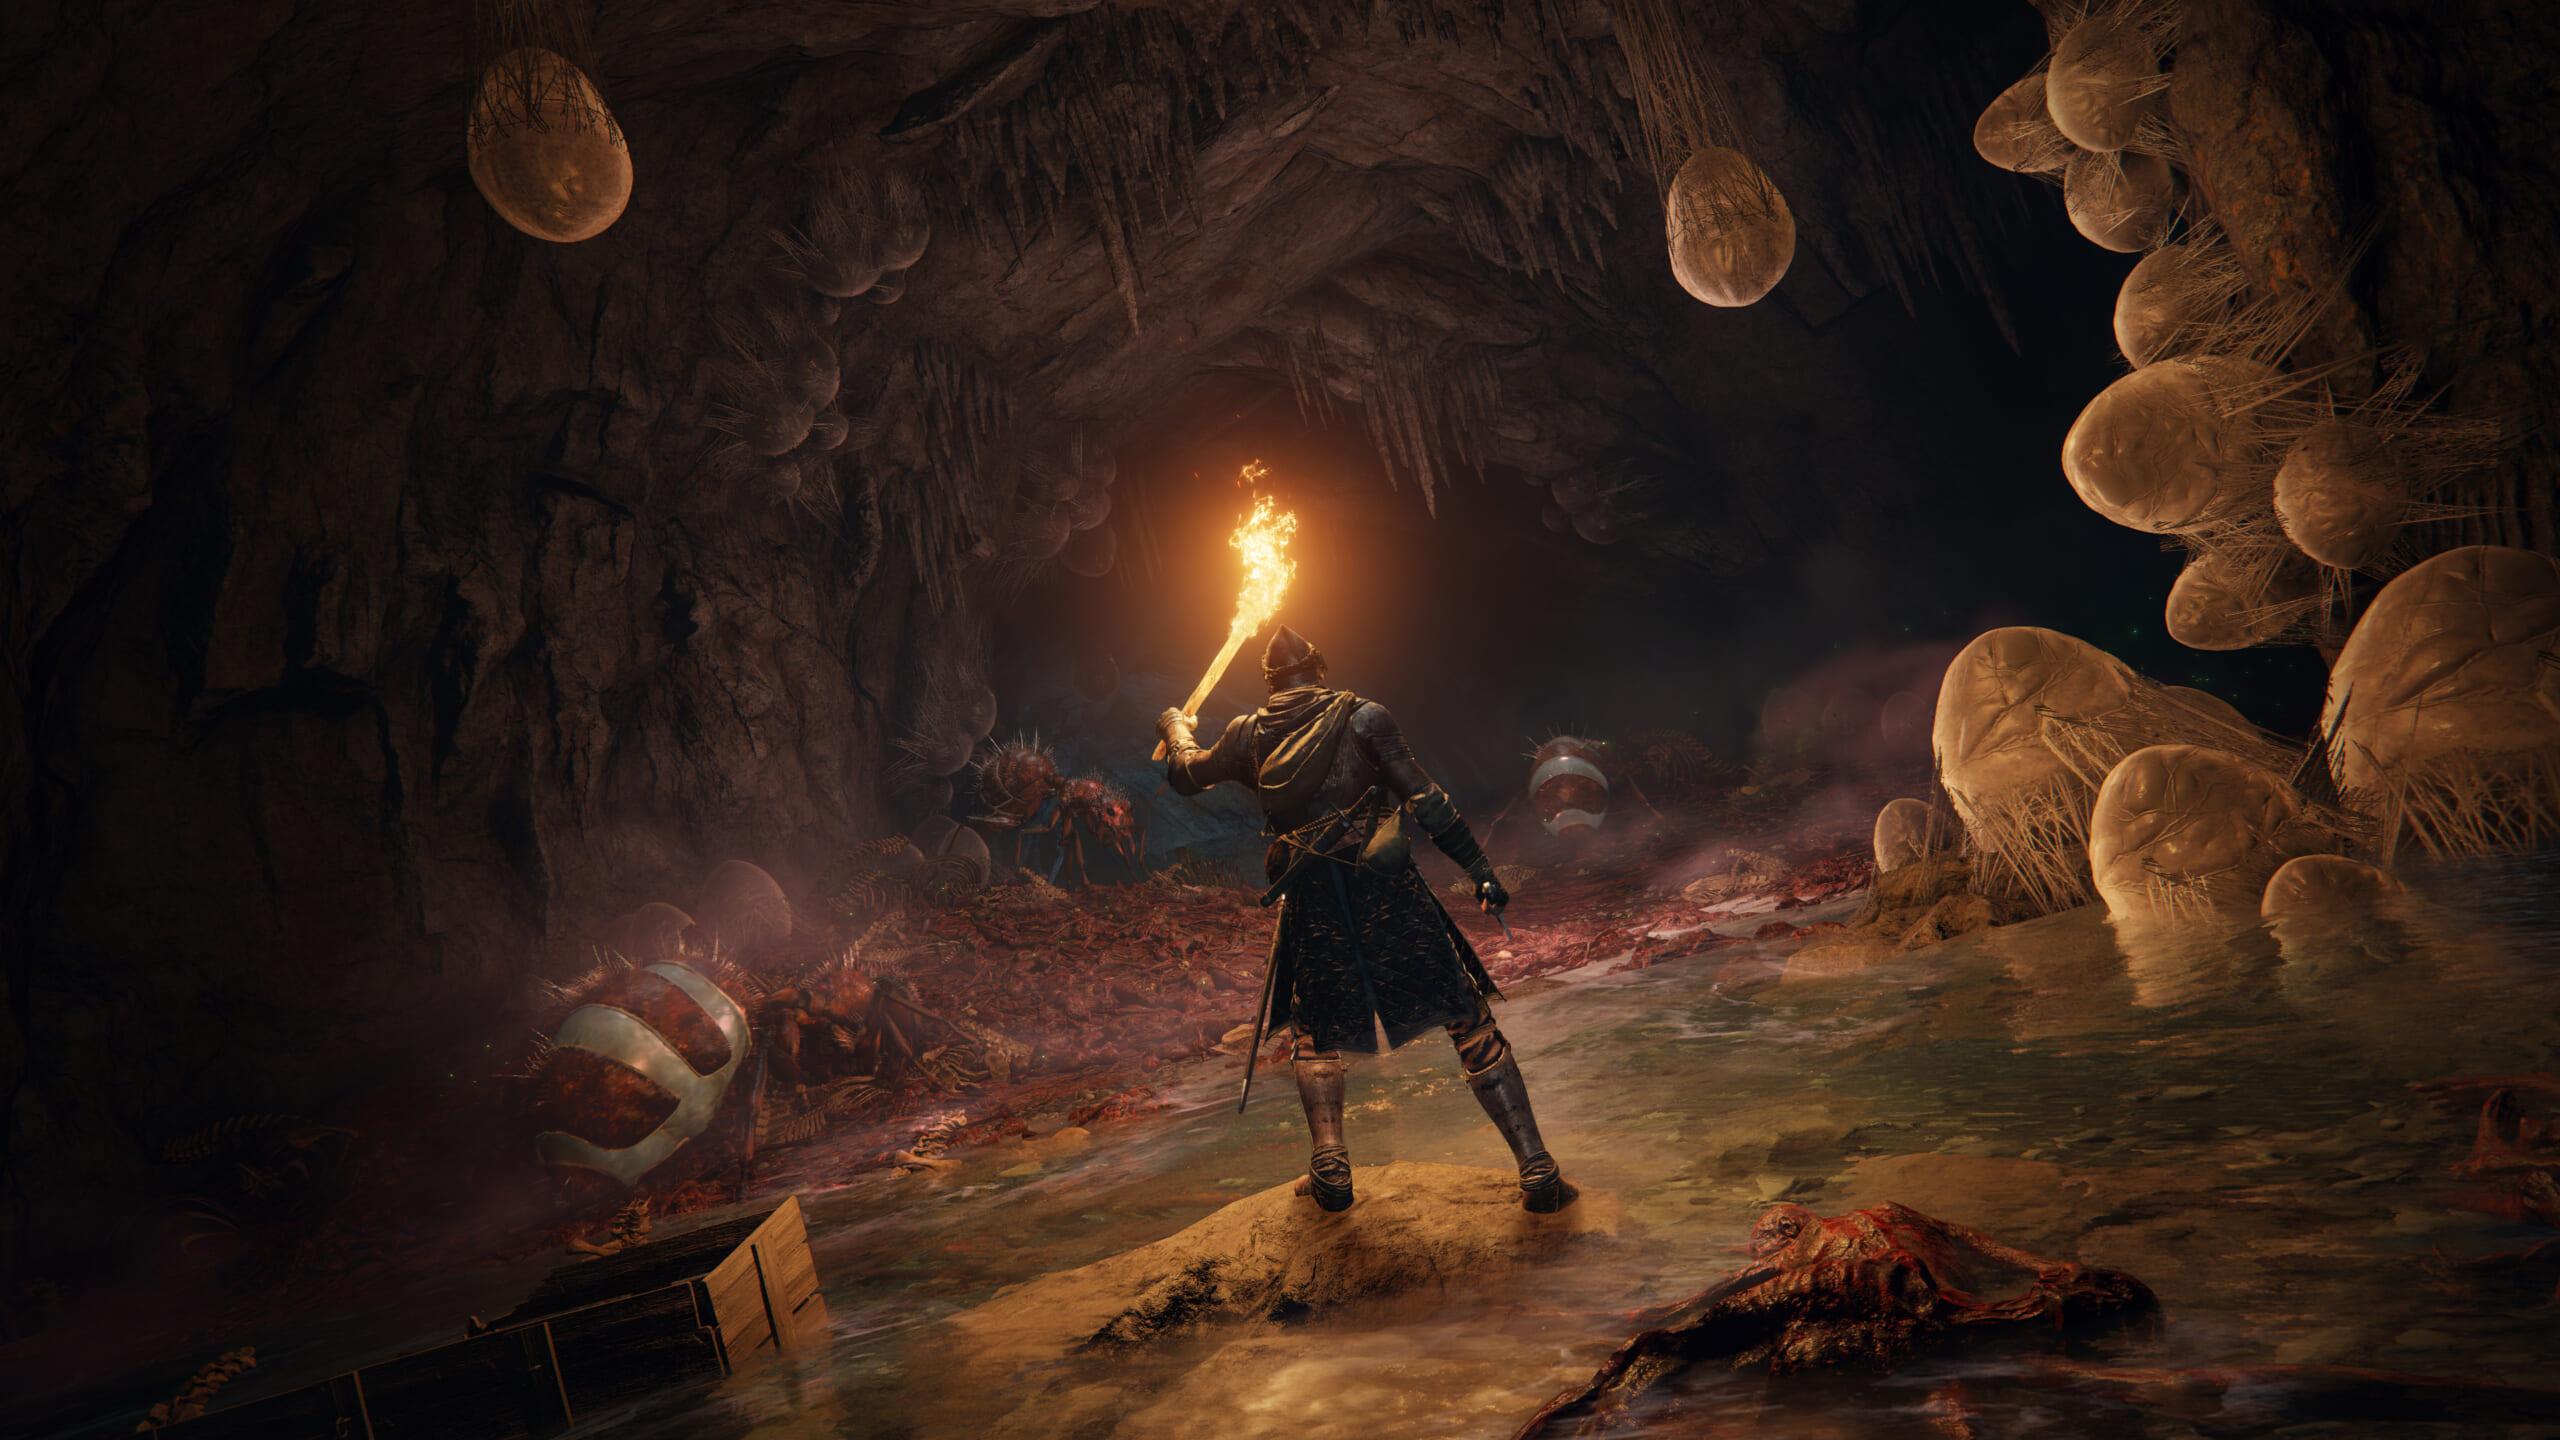 日 エルデン リング 発売 新作アクションRPG『ELDEN RING(エルデンリング)』の発売日が2022年1月21日に決定!